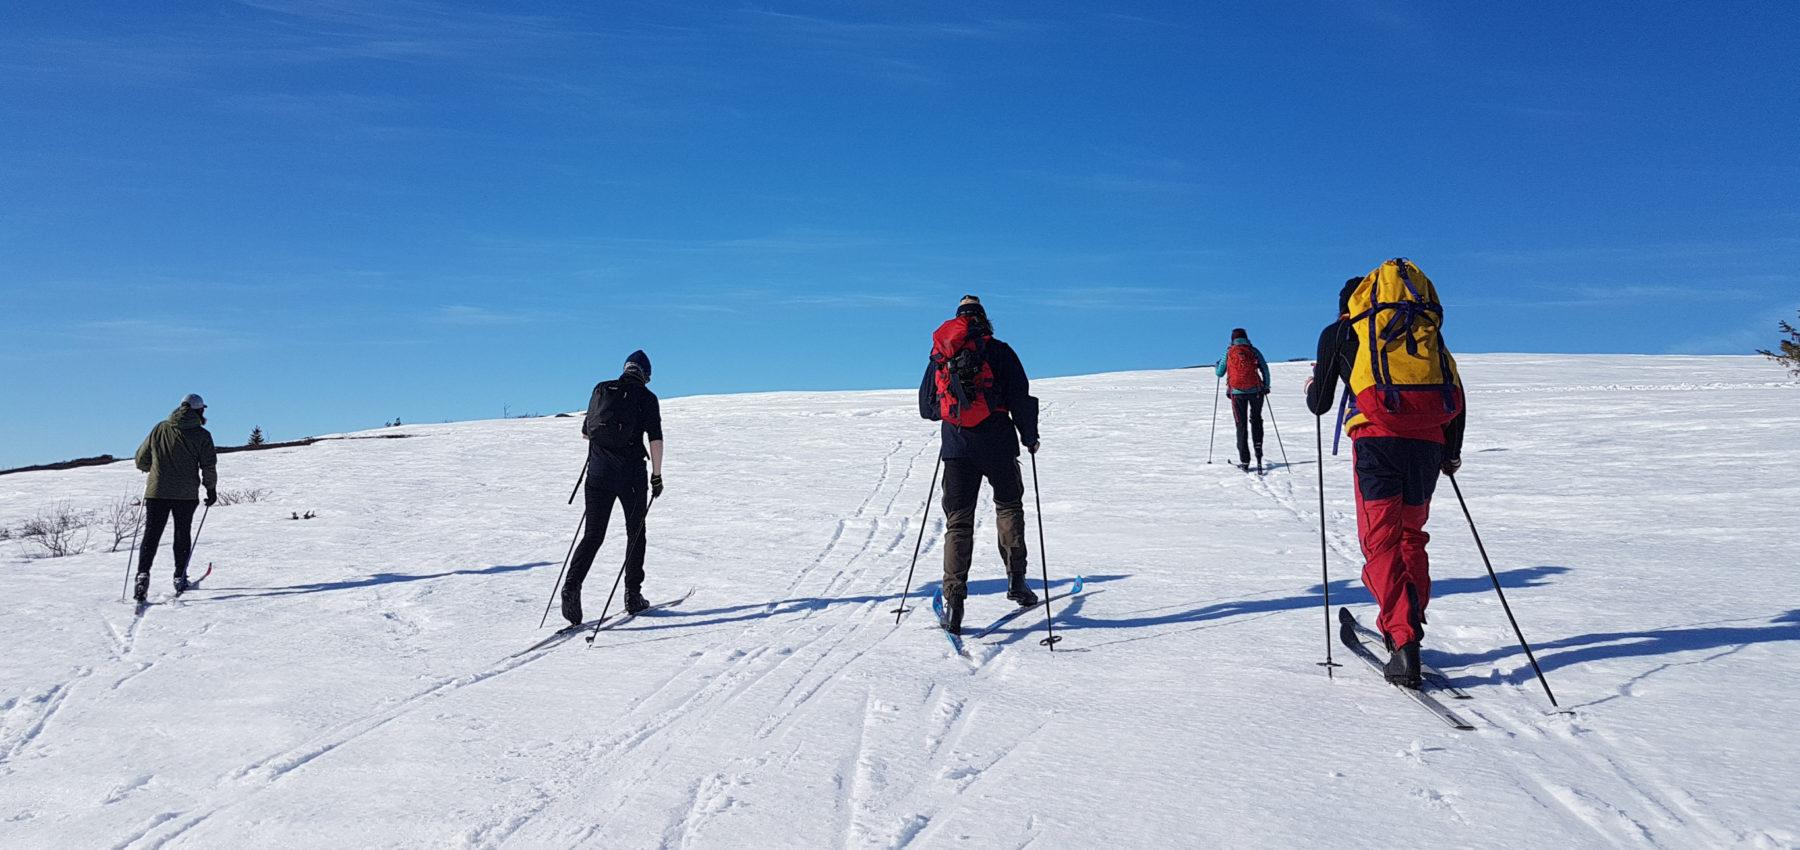 En vennegjeng på skitur under blå himmel.